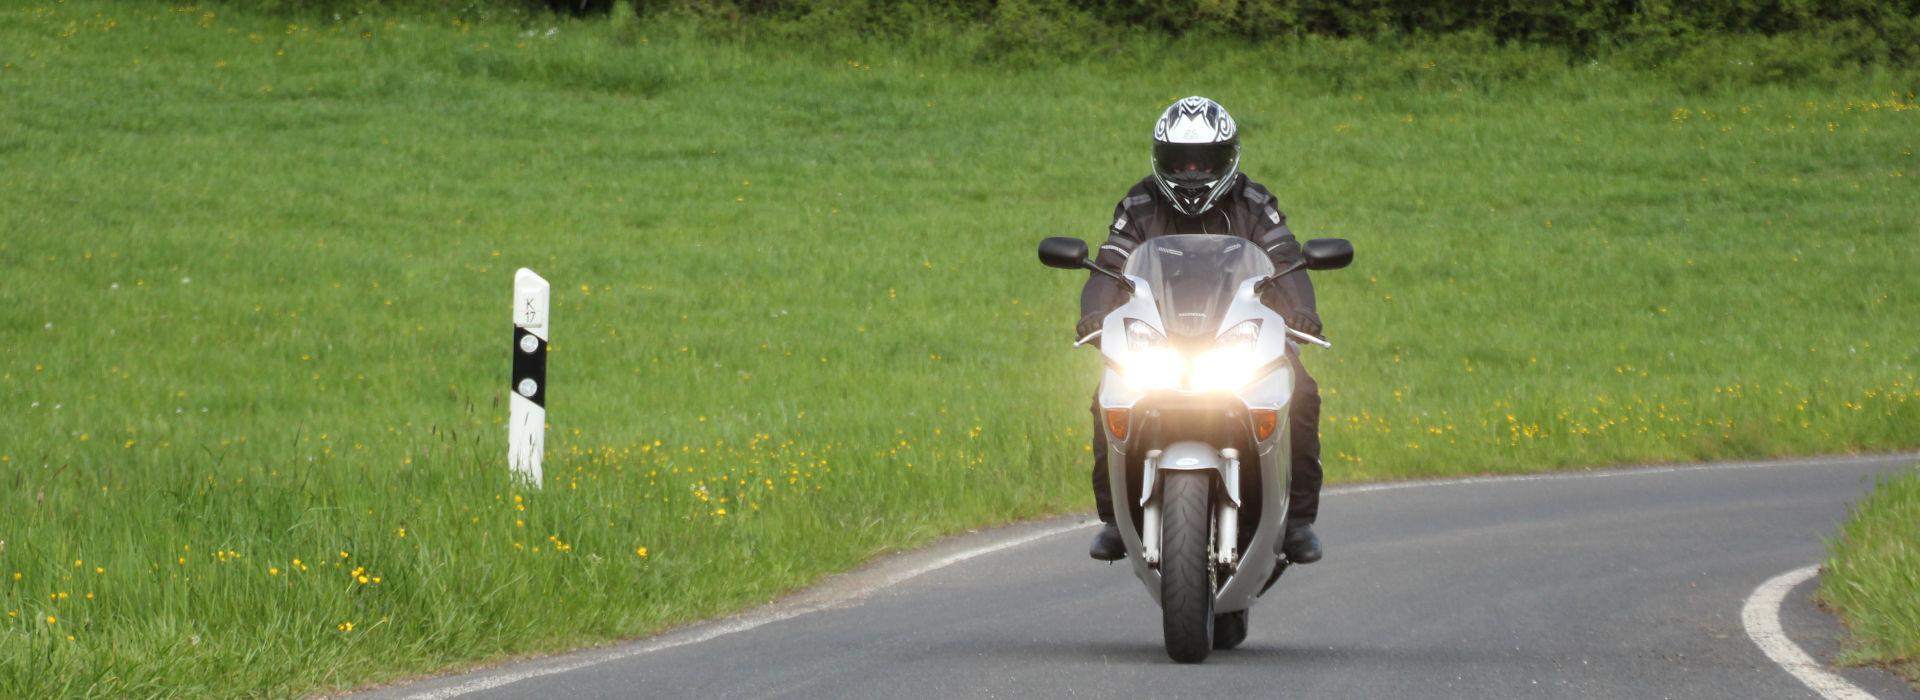 Motorrijbewijspoint Zoetermeer snel motorrijbewijs halen